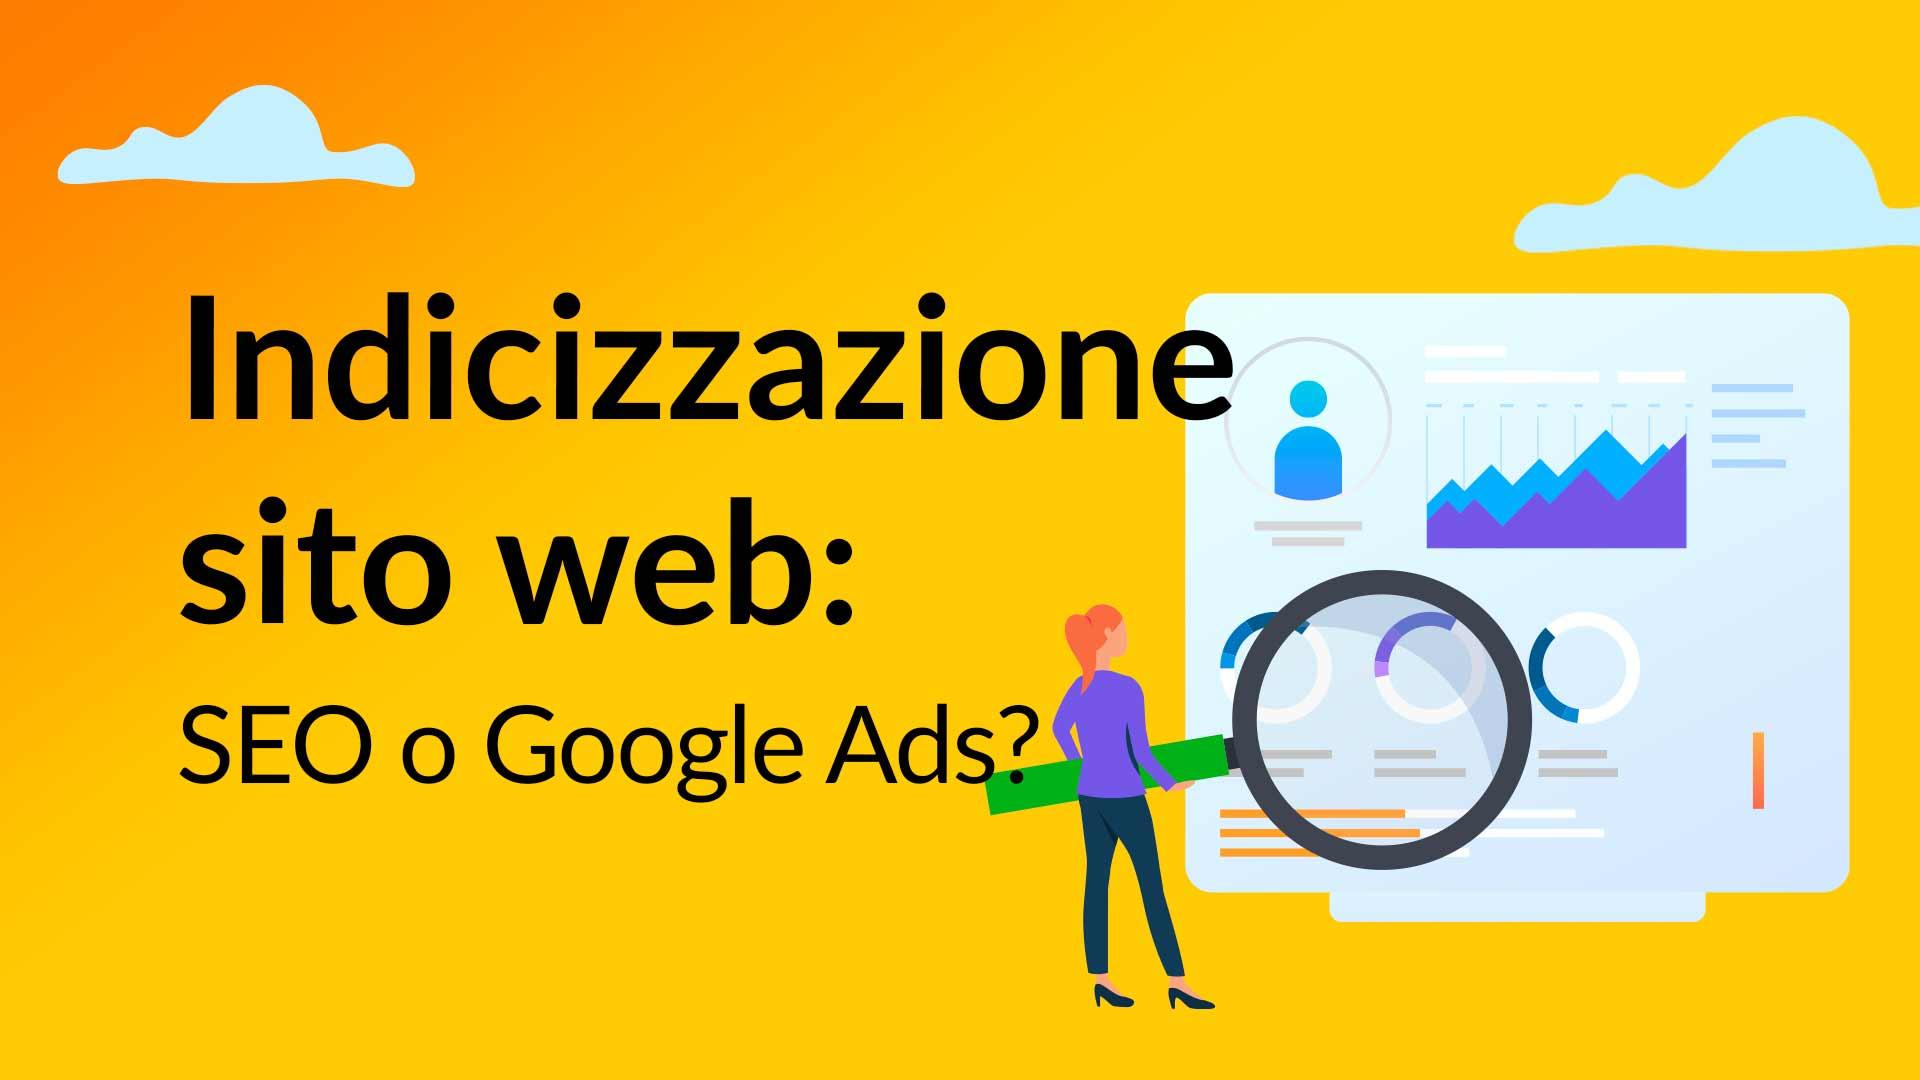 Indicizzazione sito web: SEO o Google Ads?